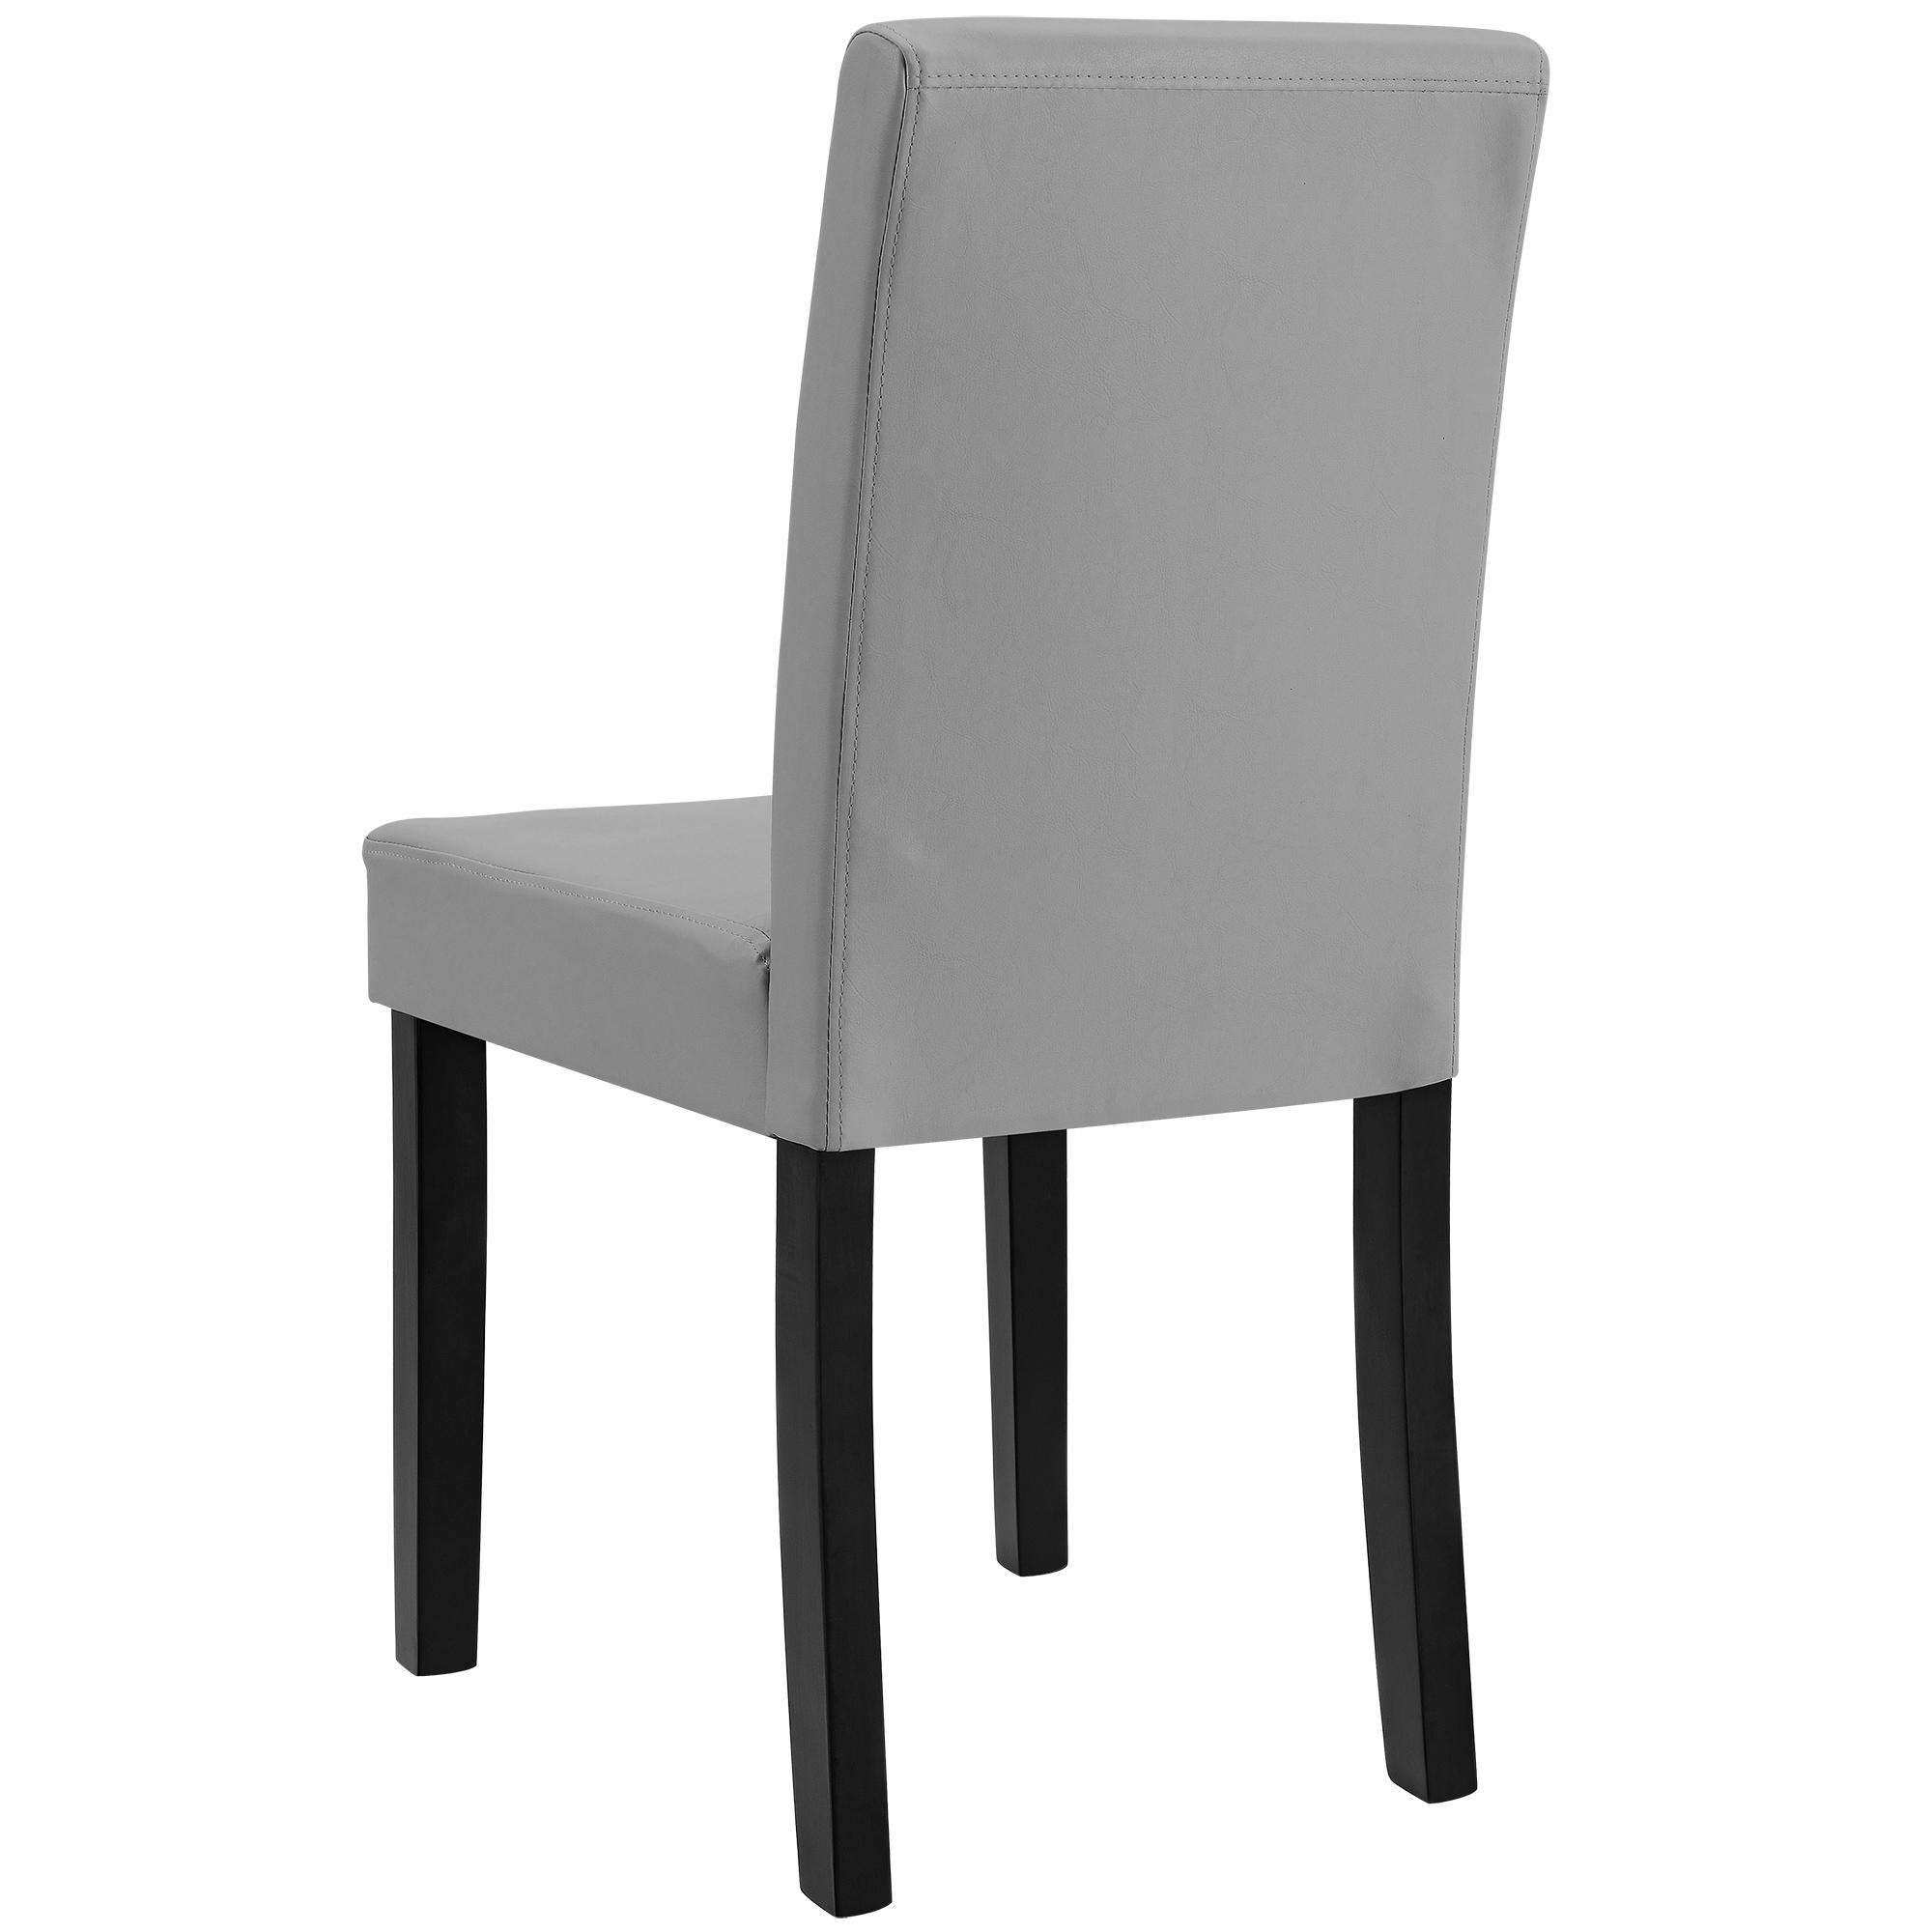 6x chaises dossier haut salle manger gris clair for Chaises salle manger cuir dossier haut